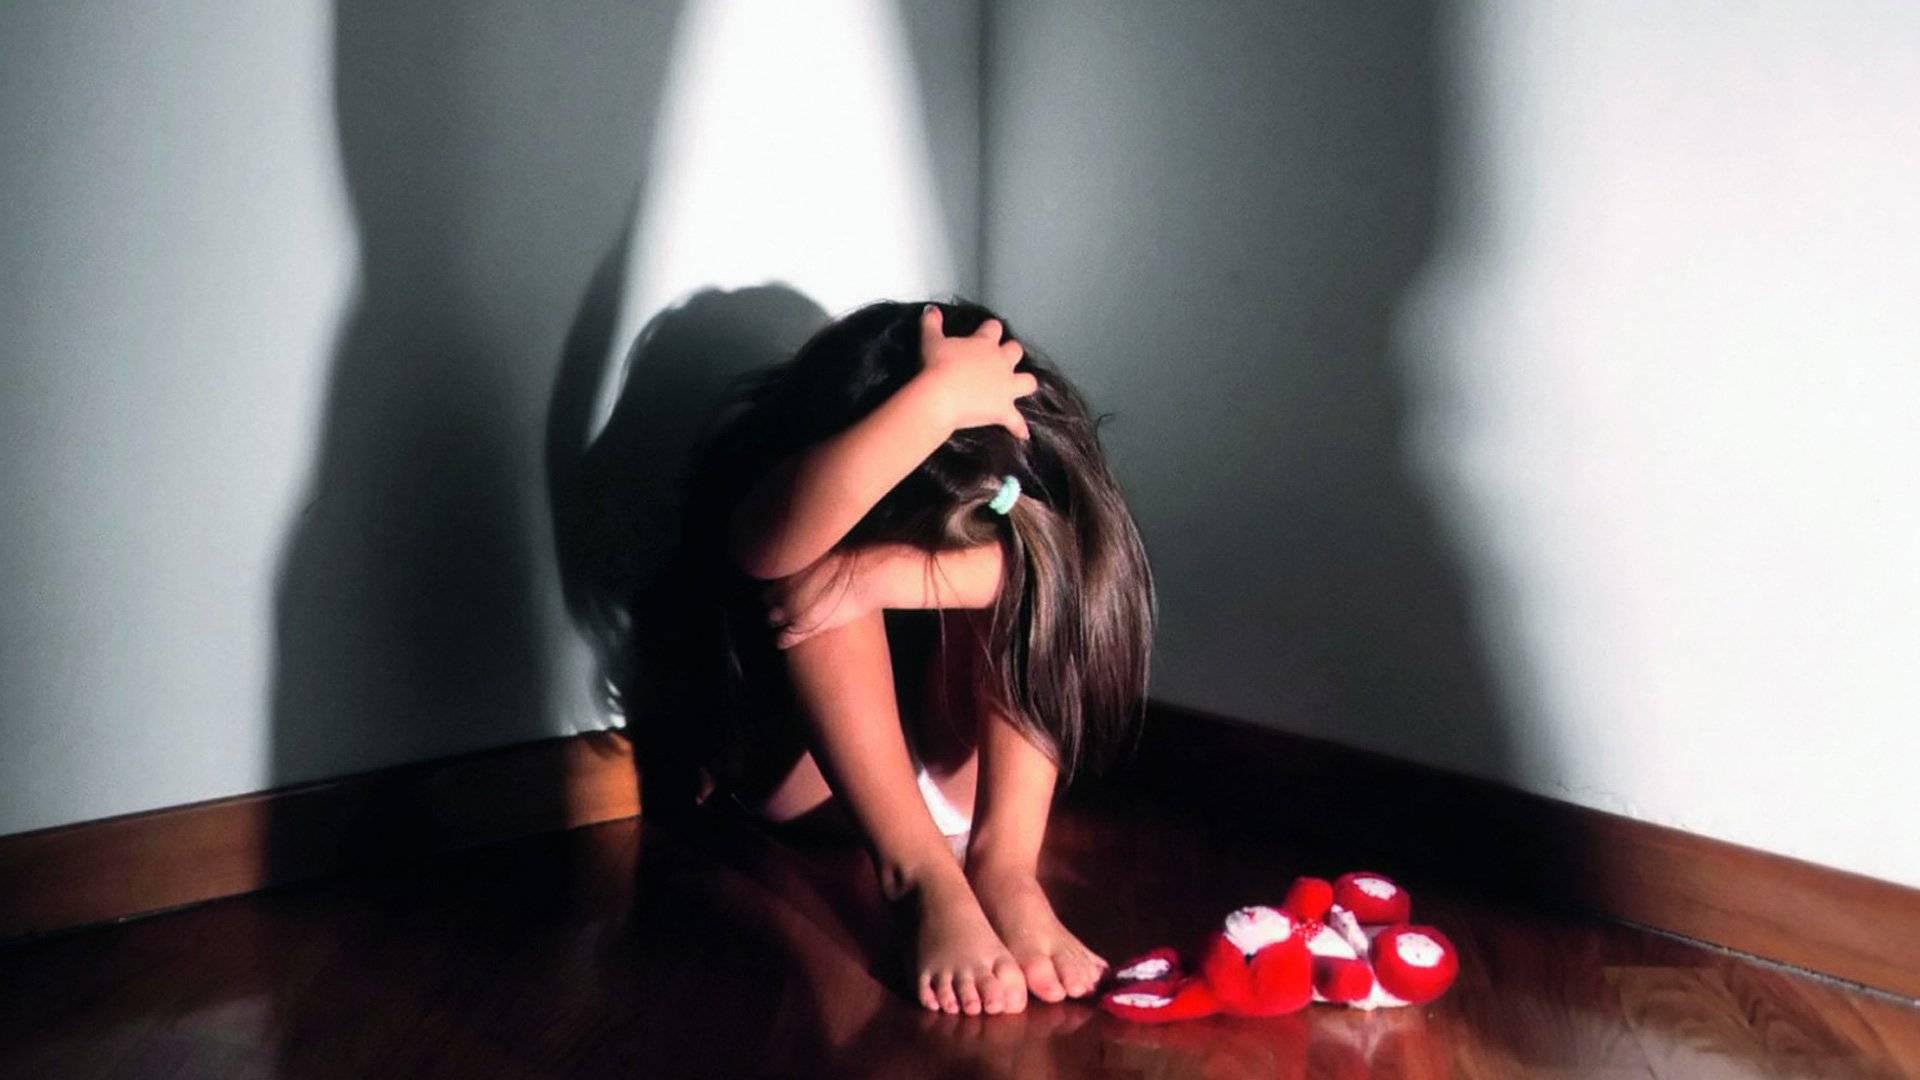 В крае расследуют два дела об изнасиловании детей